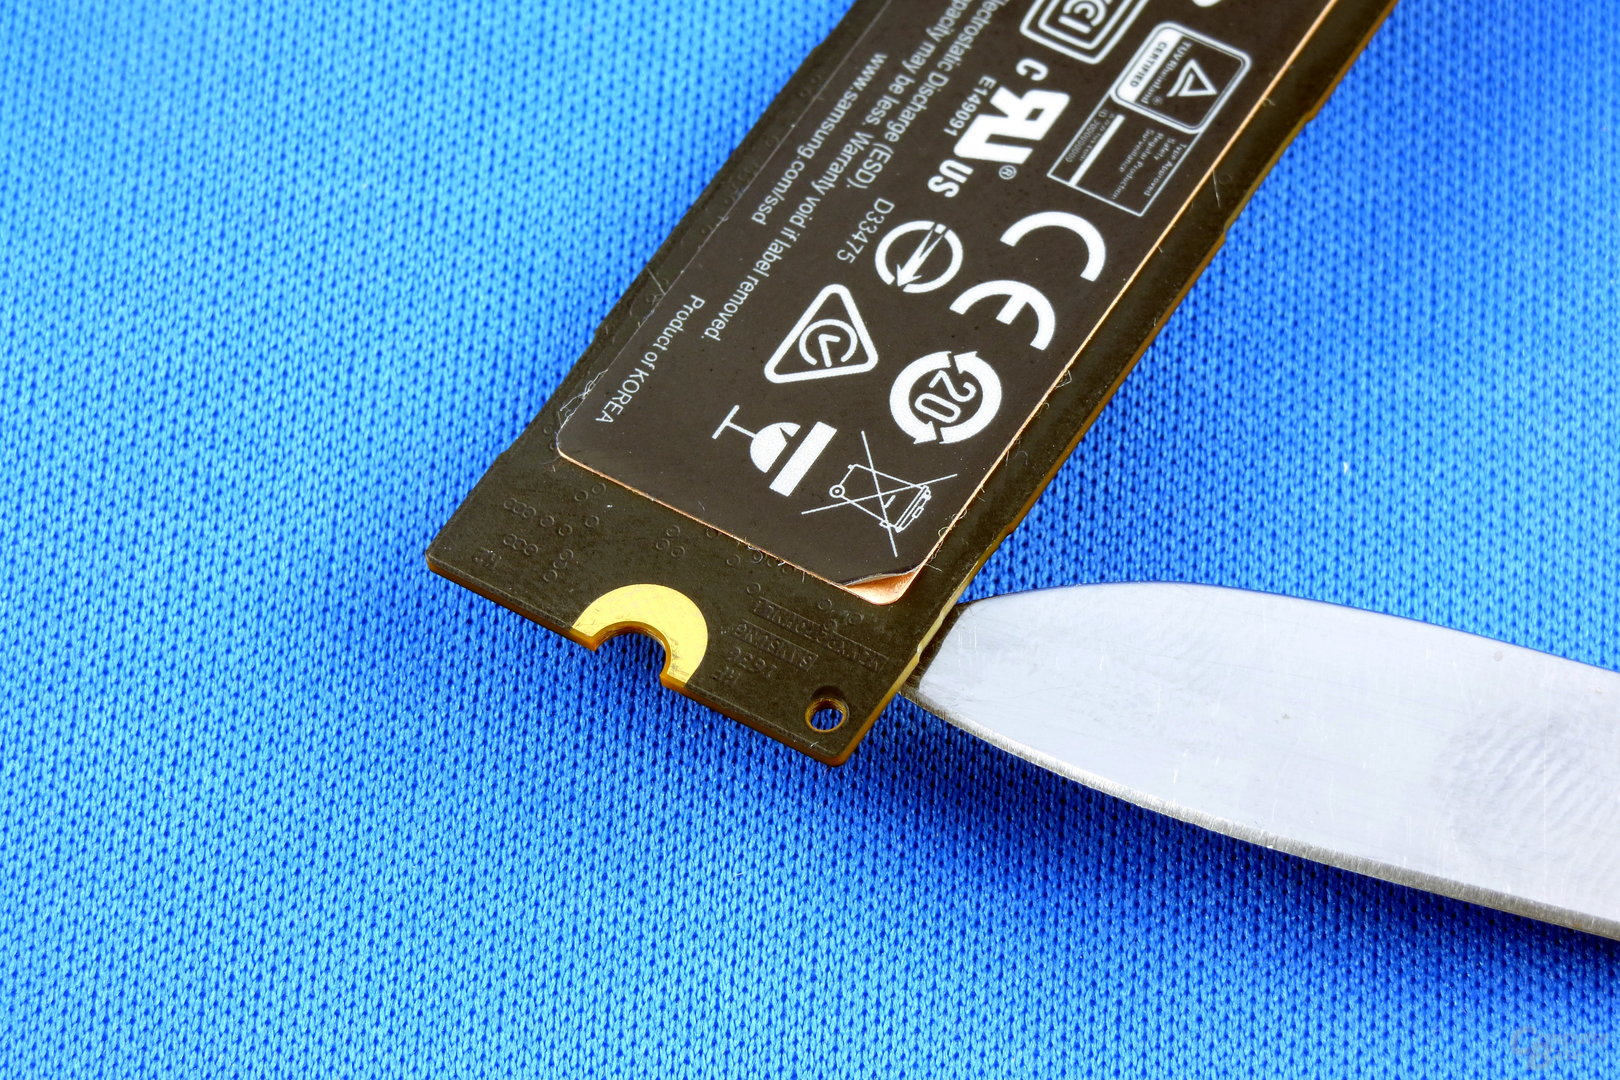 Samsung 960 Pro: Kupfer im Aufkleber